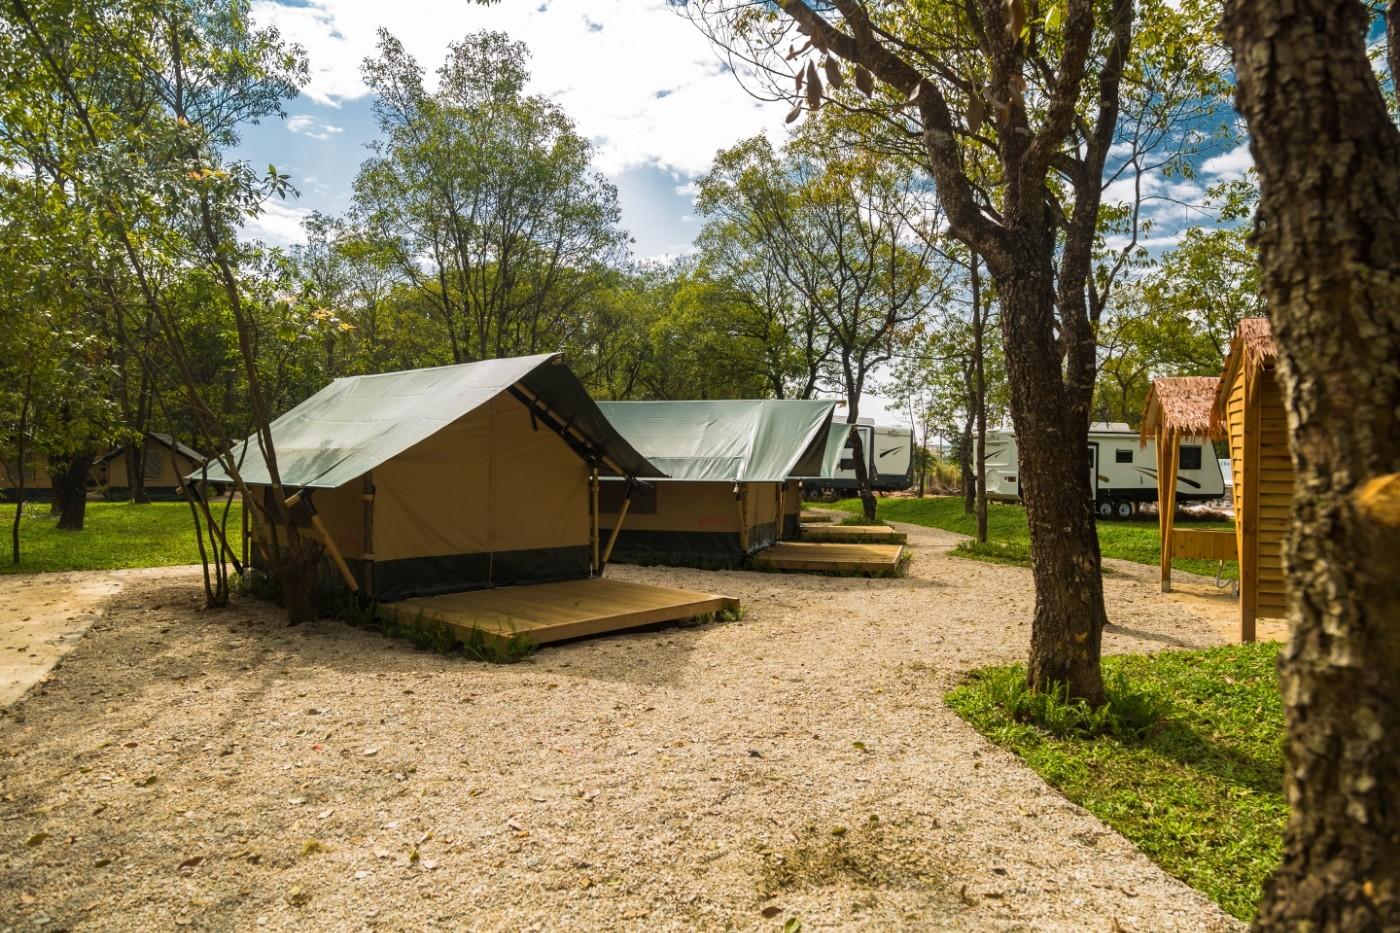 喜马拉雅青少年教育营地—广州和营天下平地帐篷酒店5